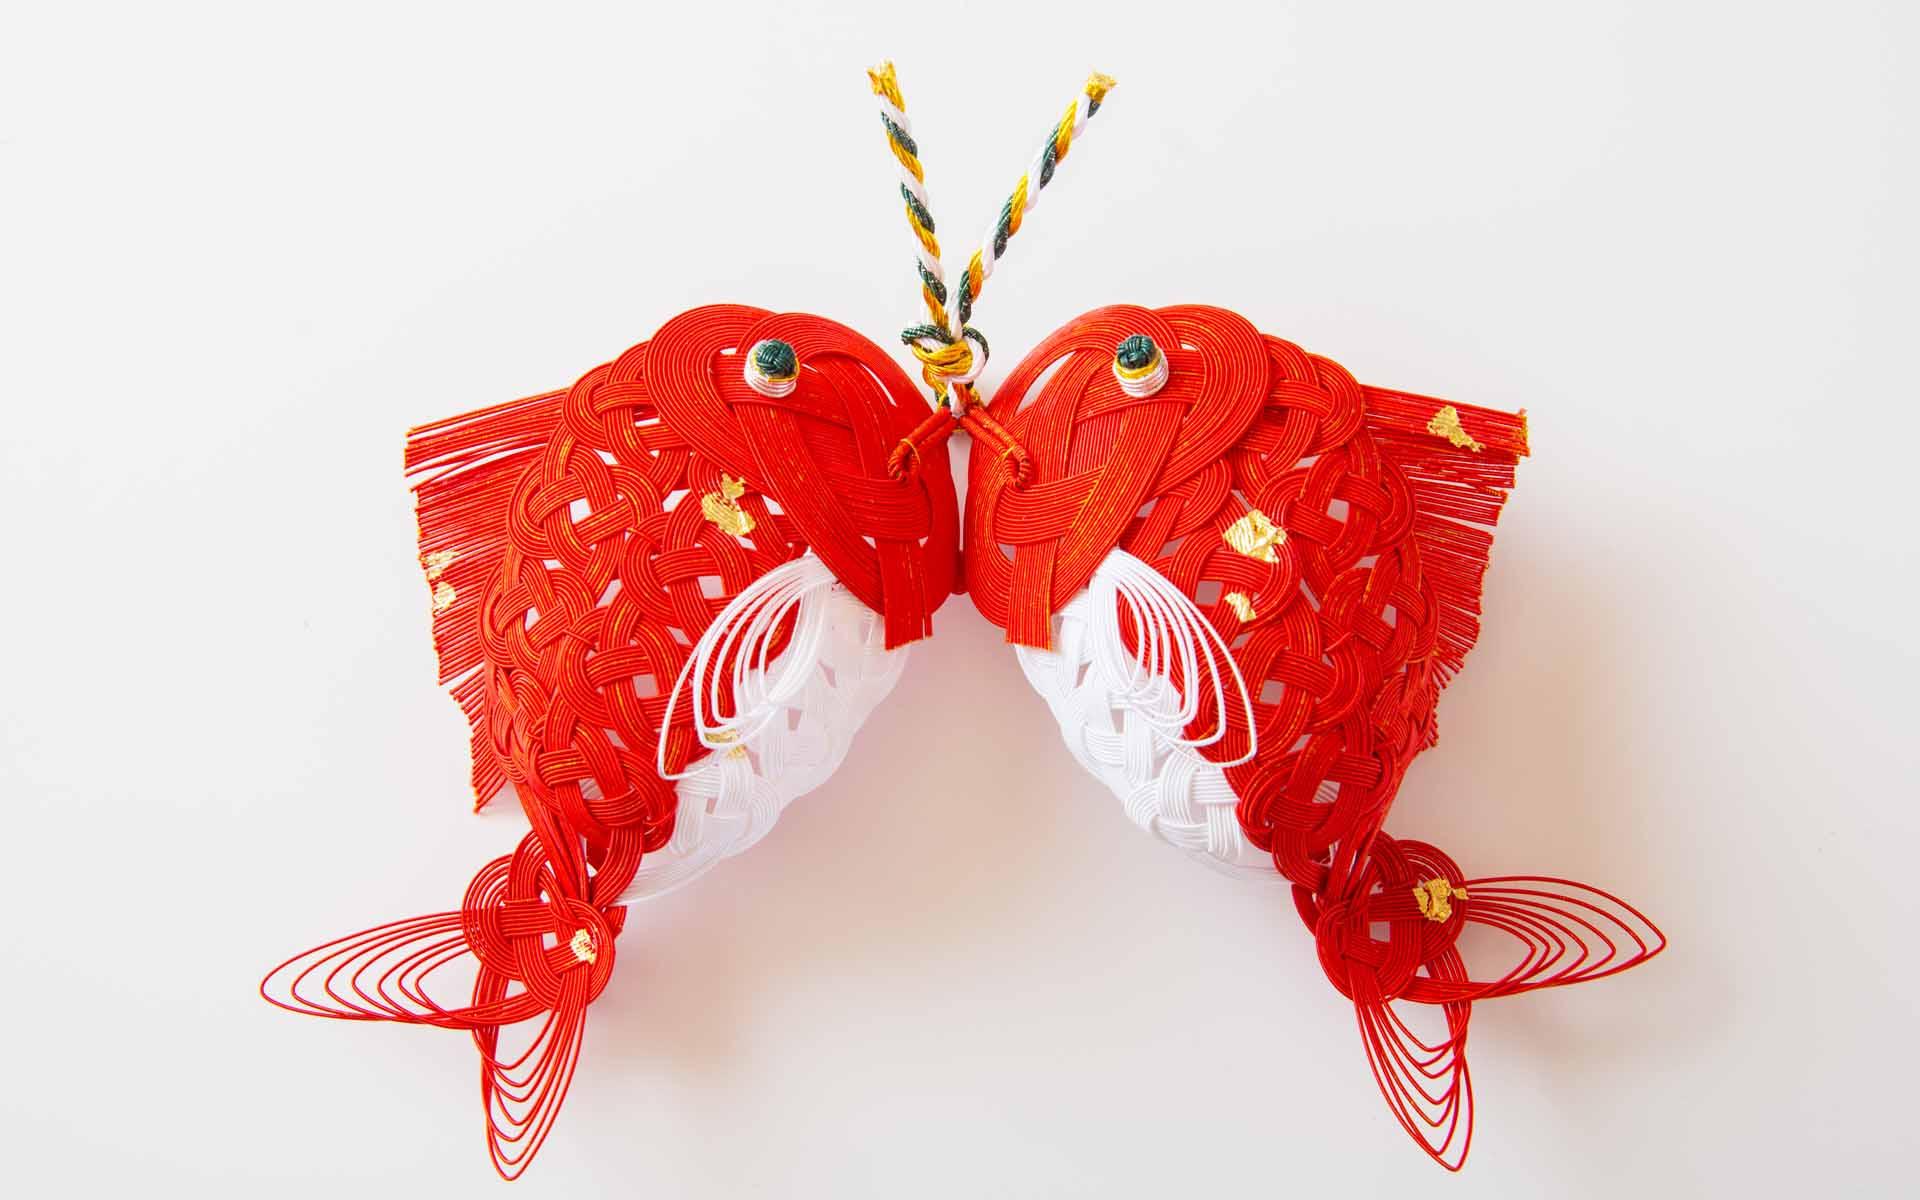 結婚式やご祝儀が華やぐ「金沢・加賀水引細工」の世界。津田水引折型が受け継ぐ「気持ちを贈る工芸」とは